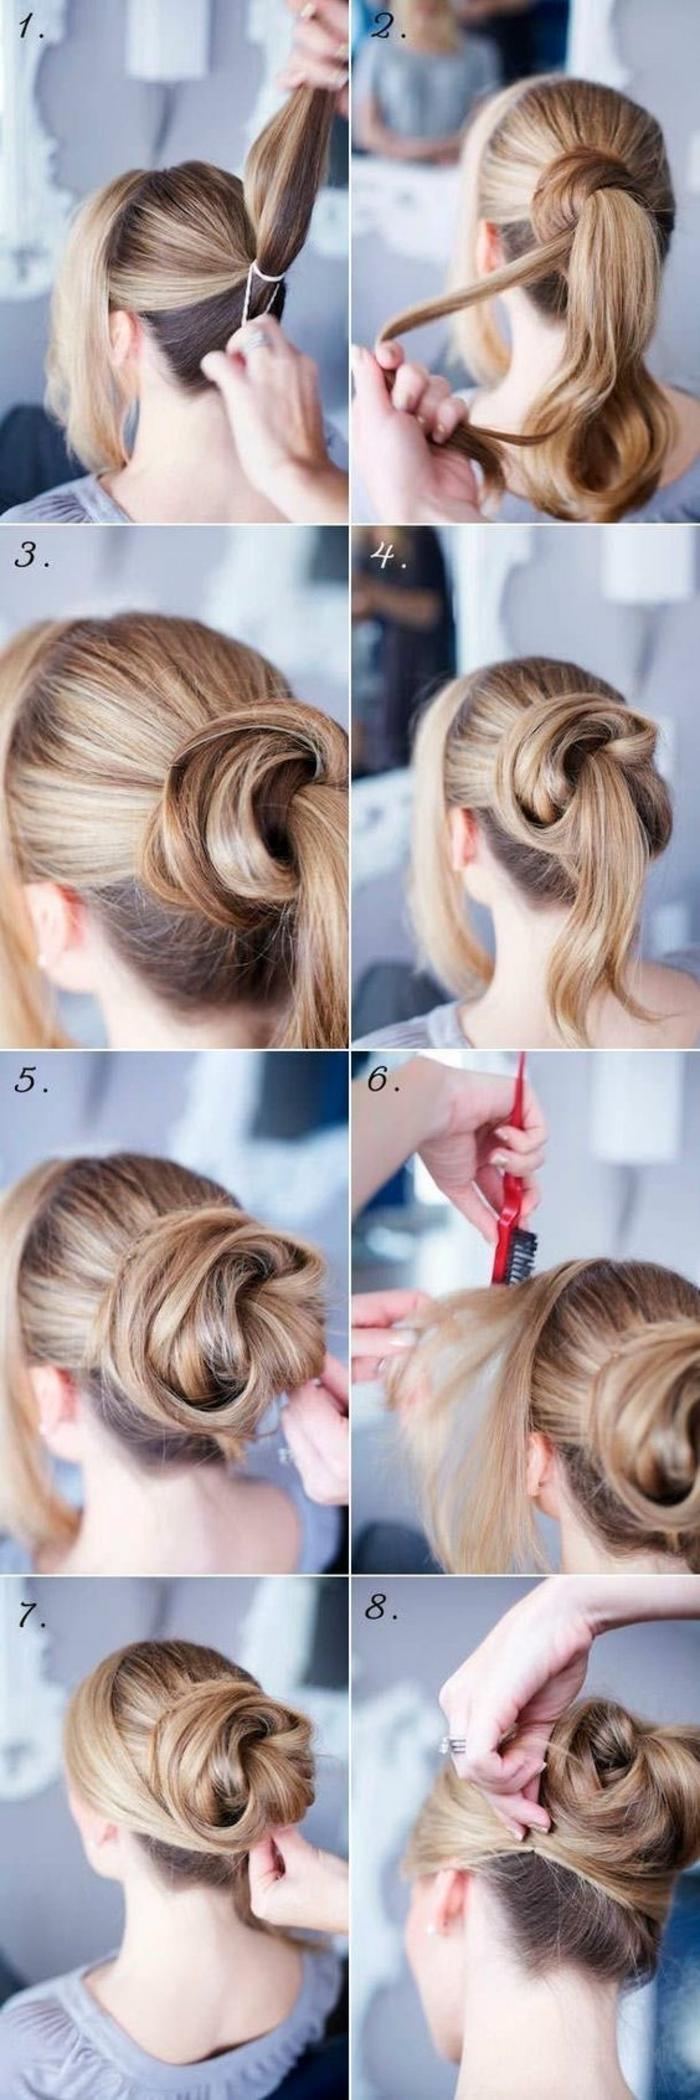 chignon-facile-a-faire-coiffure-rapide-et-facile-cheveux-longs